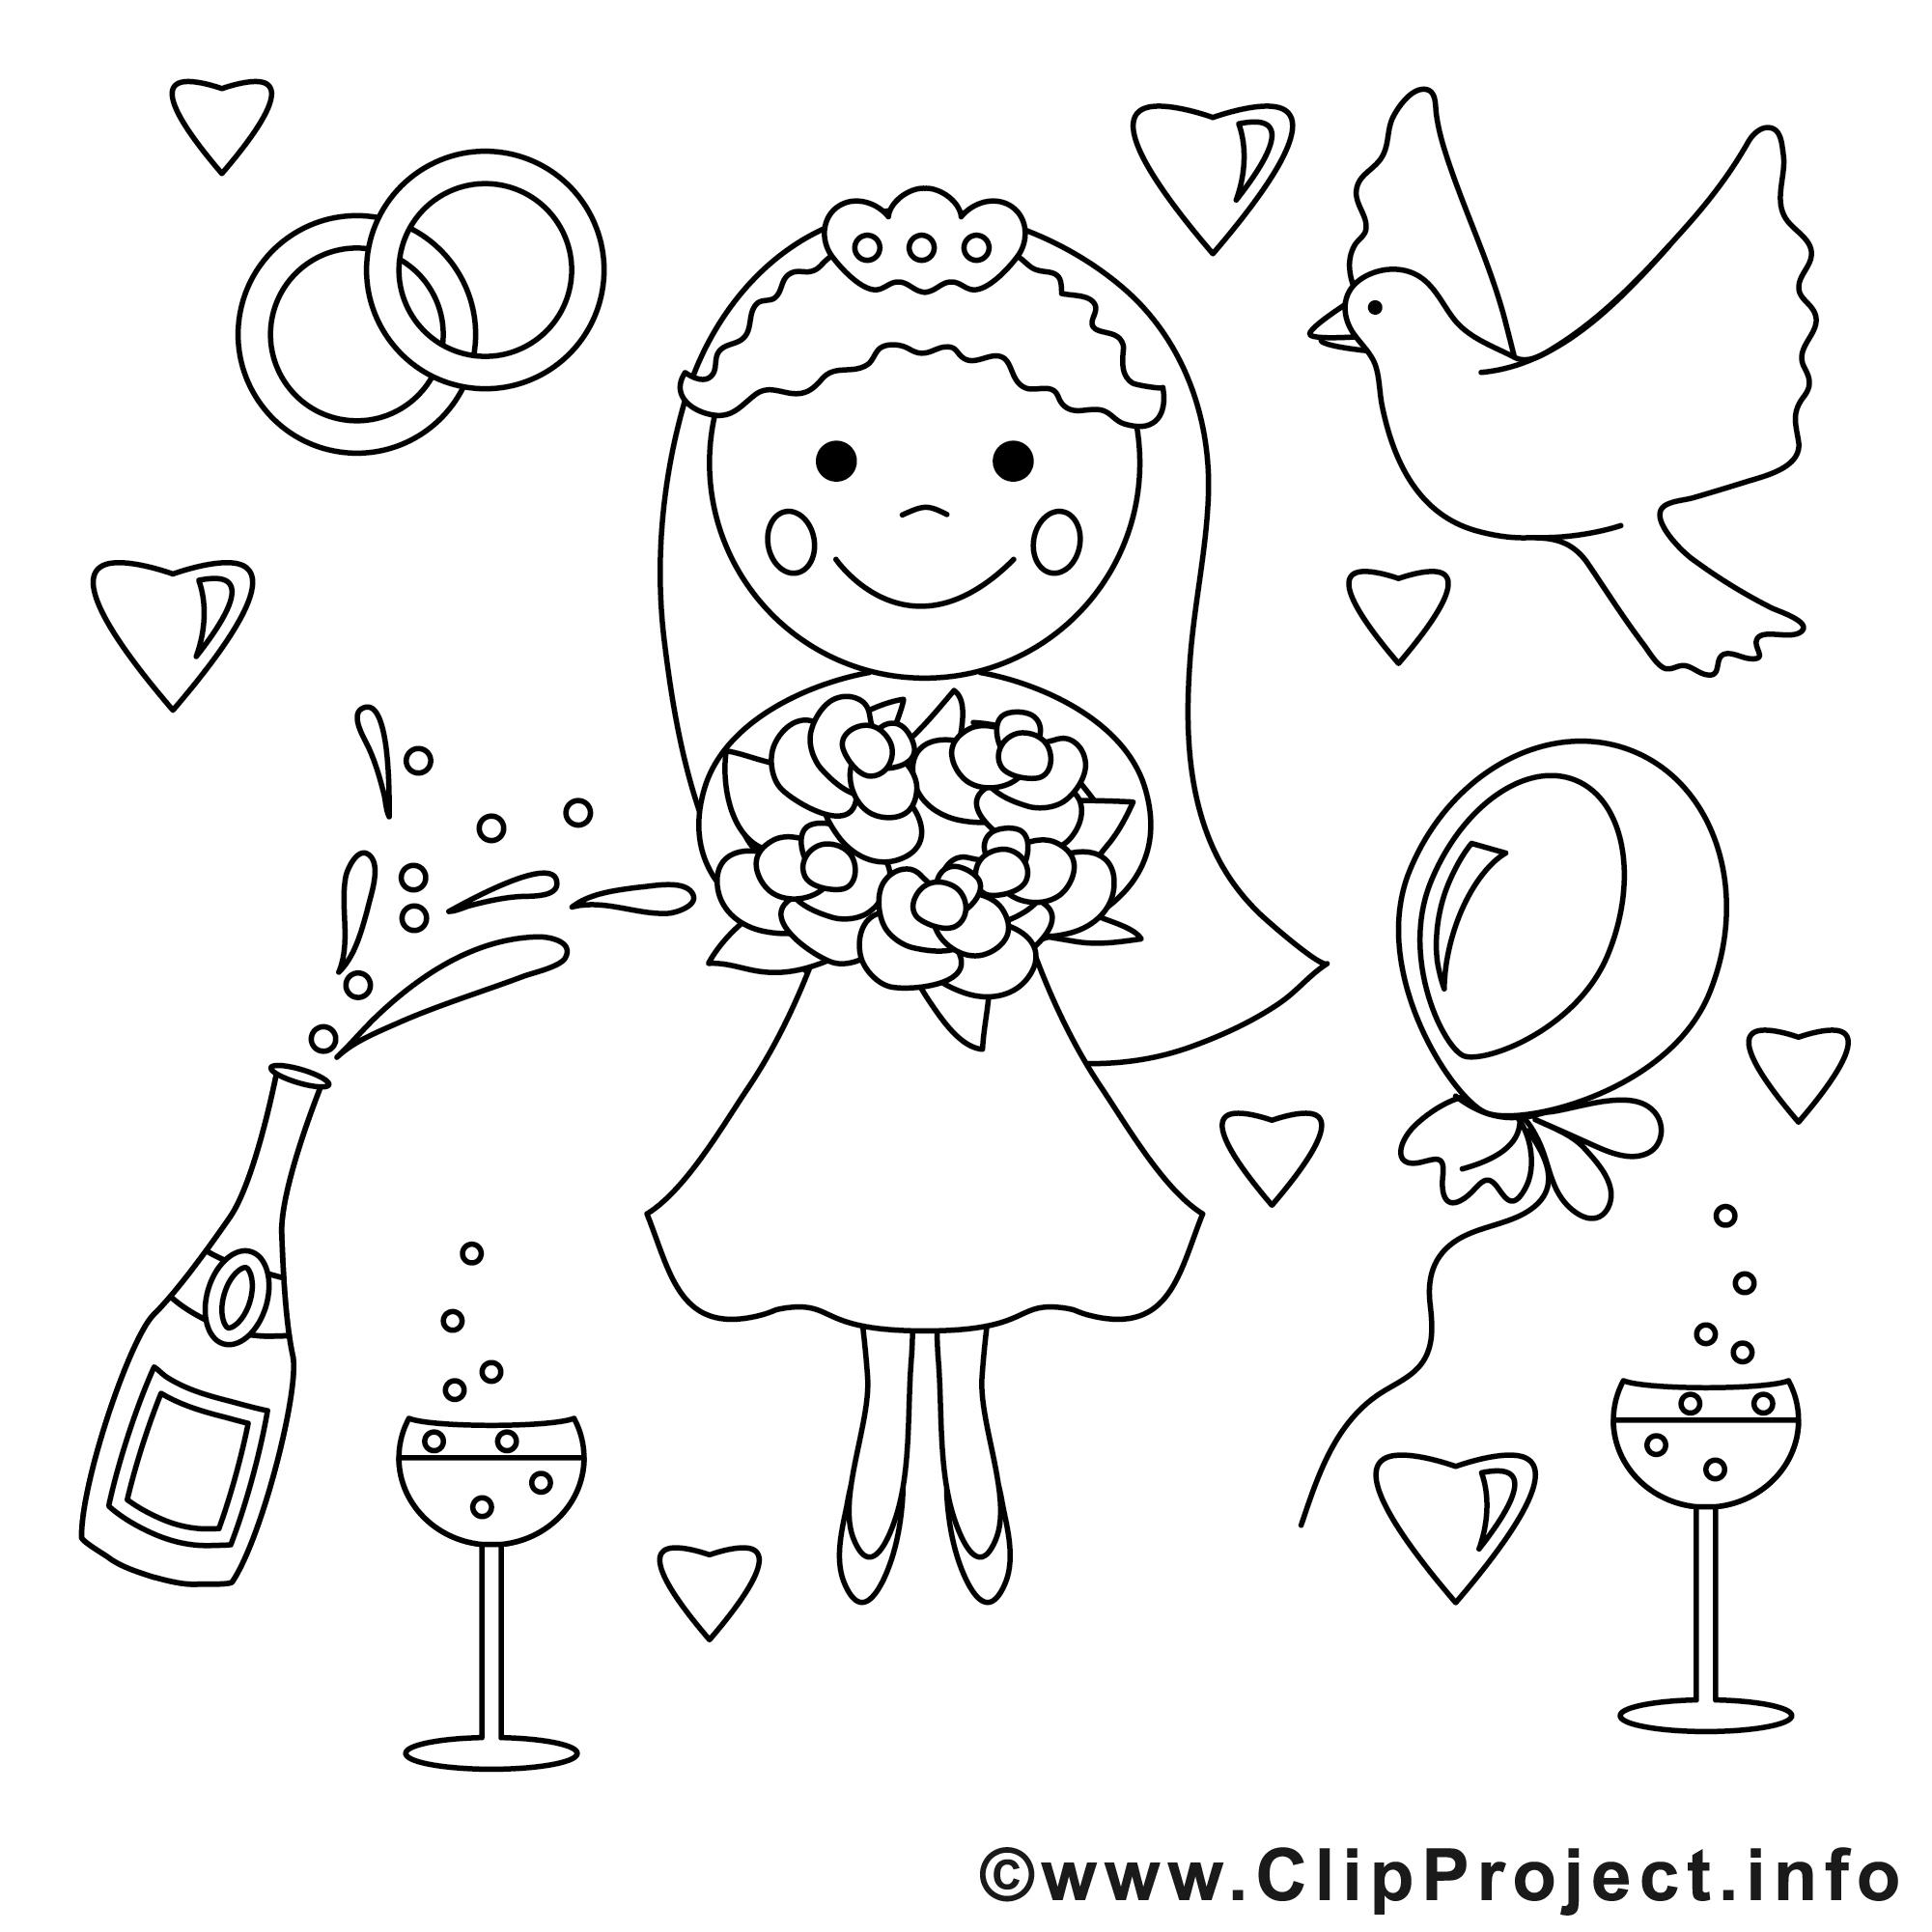 Malvorlagen Hochzeit Für Kinder | Coloring And Malvorlagan über Hochzeitsbilder Zum Ausdrucken